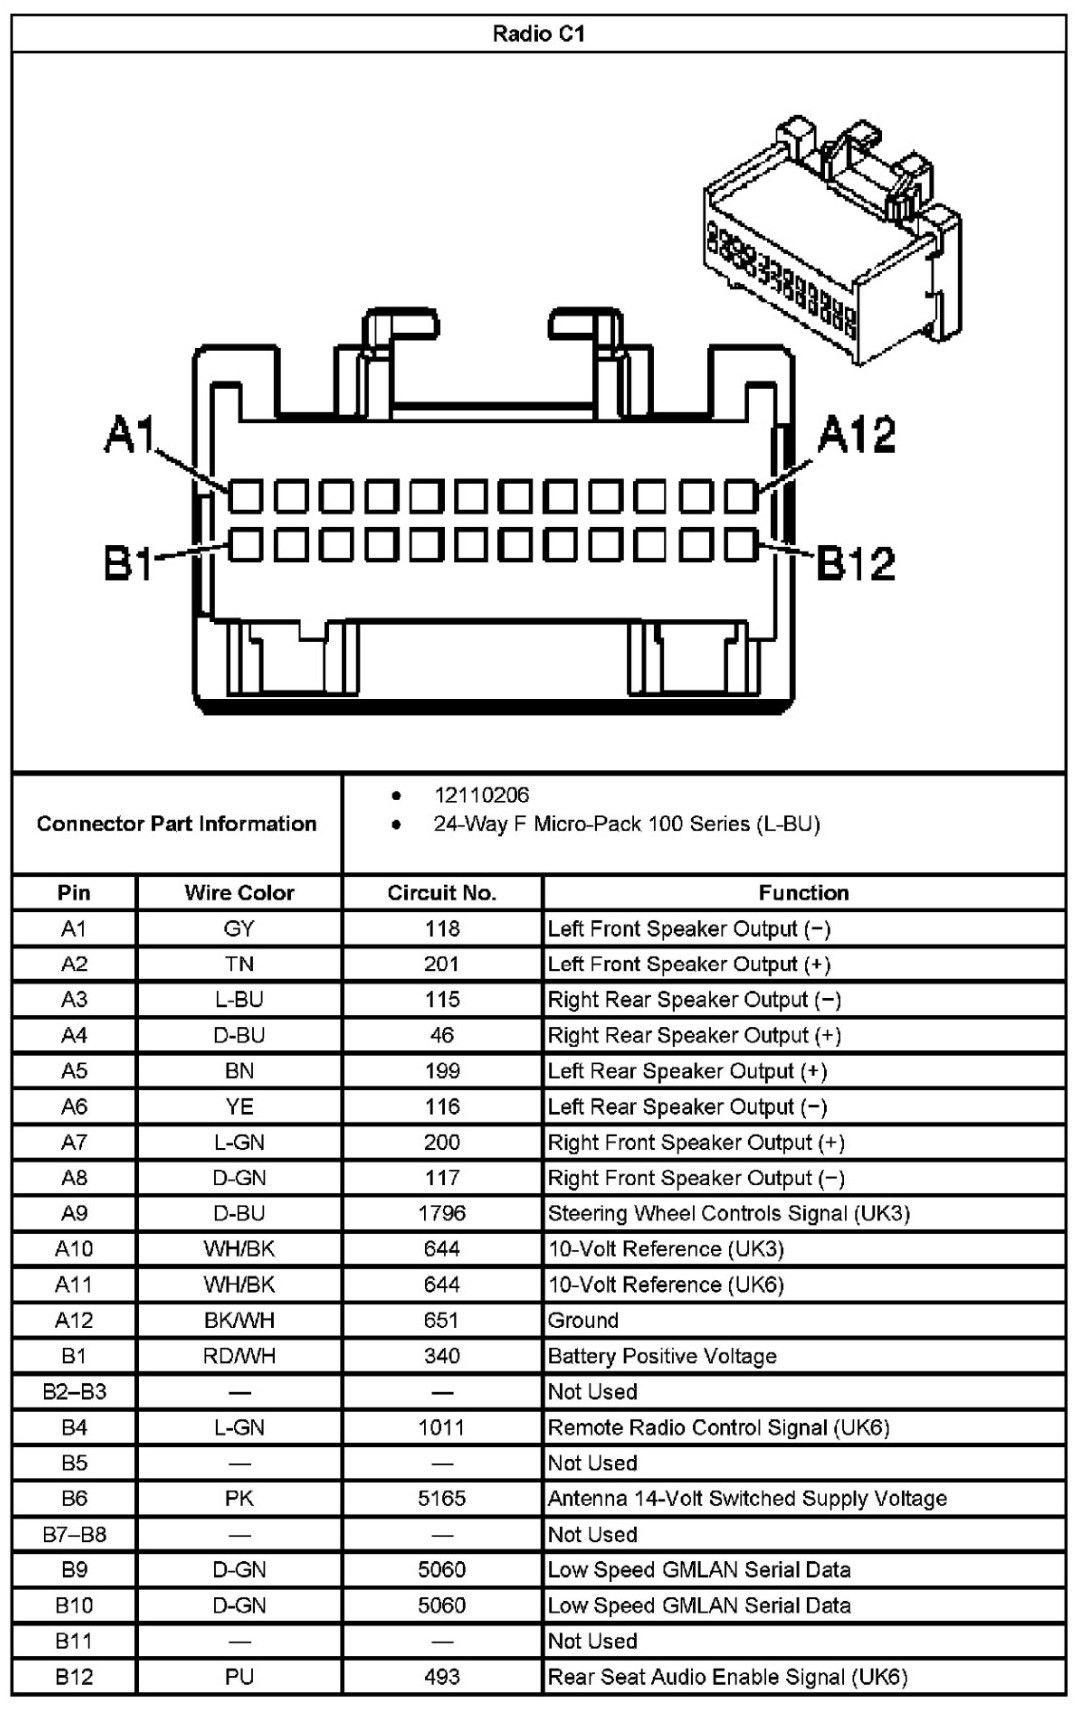 2011 Chevy Silverado Radio Wiring Diagram Best Of Audio De Automoviles Alarmas Para Autos Chevy Impala